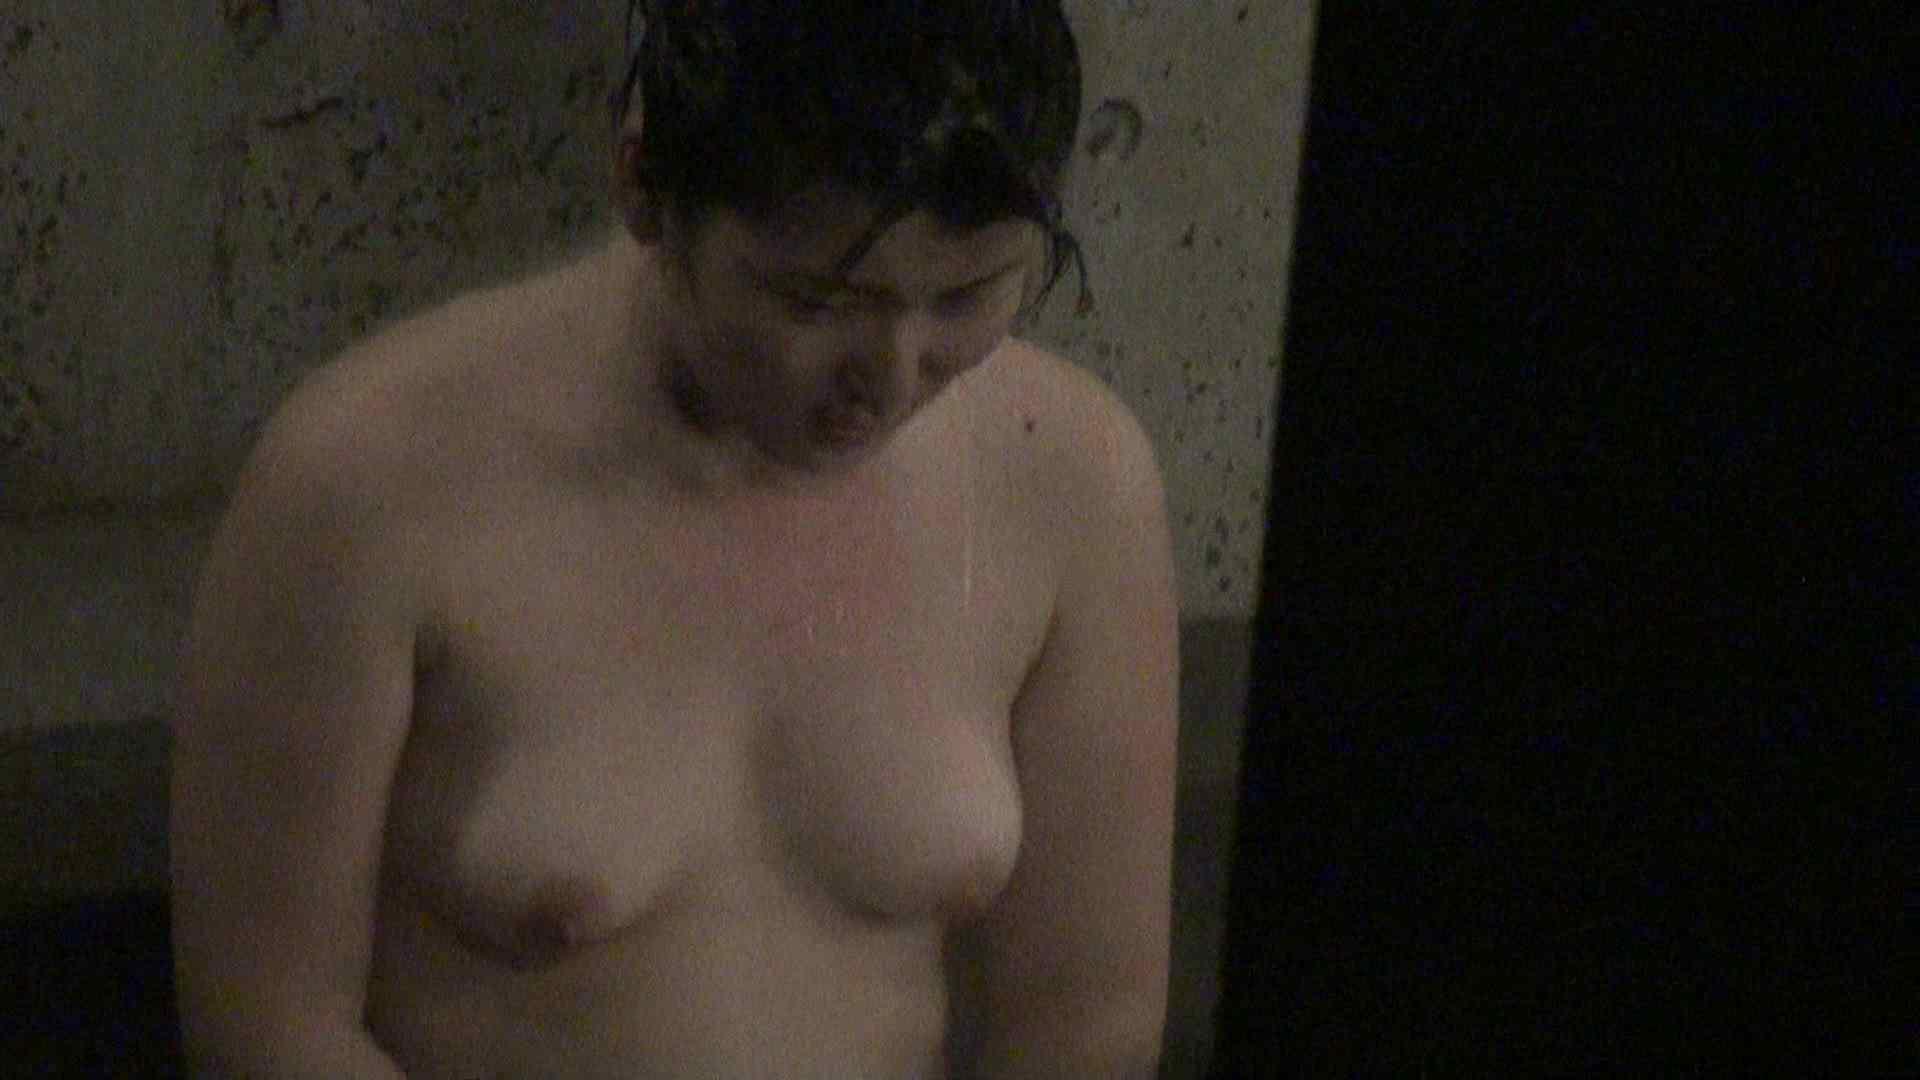 Aquaな露天風呂Vol.334 美しいOLの裸体 | 盗撮師作品  102pic 43